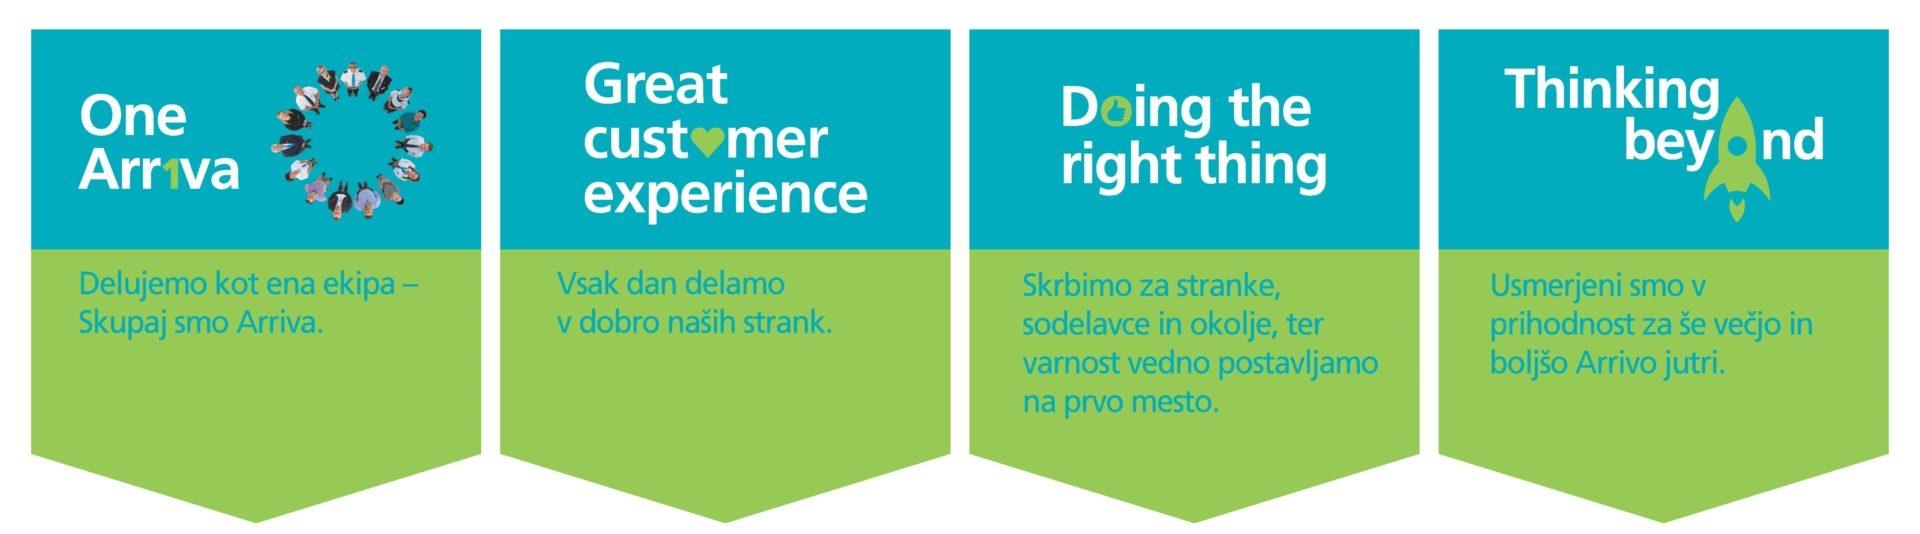 SkupinaArriva Slovenija je največja skupina avtobusnih podjetij v Sloveniji, ki opravlja transportne storitve prevoza potnikovza mestna, primestna in medmestna področja, kot tudi transportne storitvepo naročilu in za različne institucije. Prav tako visok tržni delež dosega s turistično dejavnostjo.